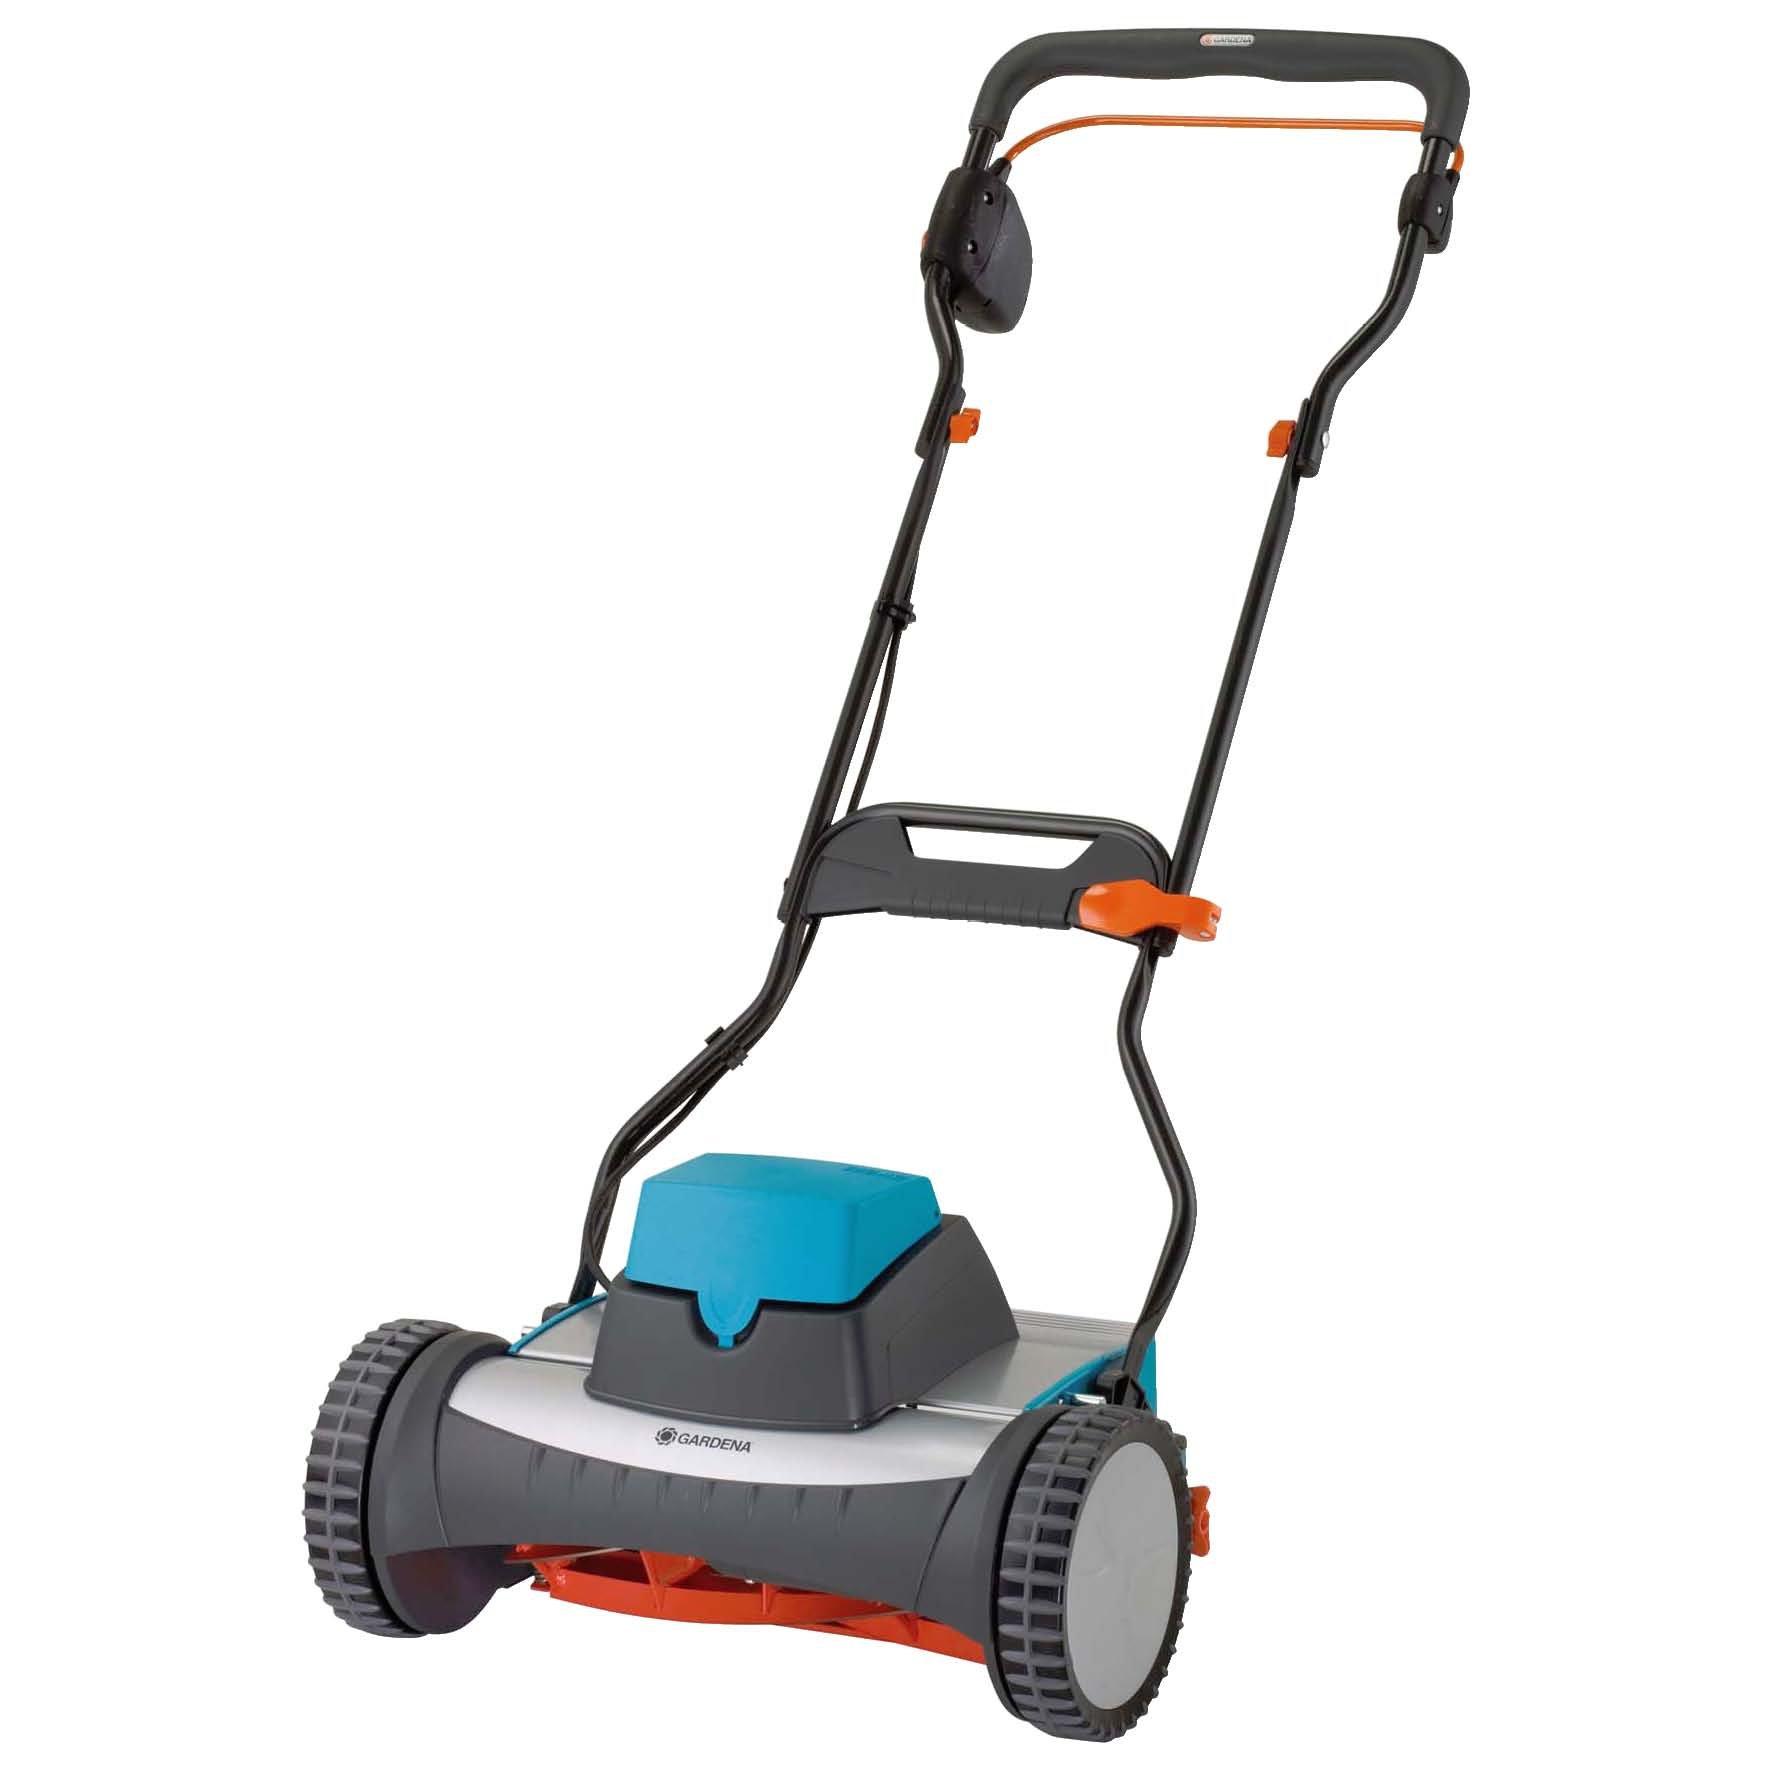 Gardena 4026-U 15-Inch 12-Volt Cordless Electric Reel Lawn Mower, 380AC